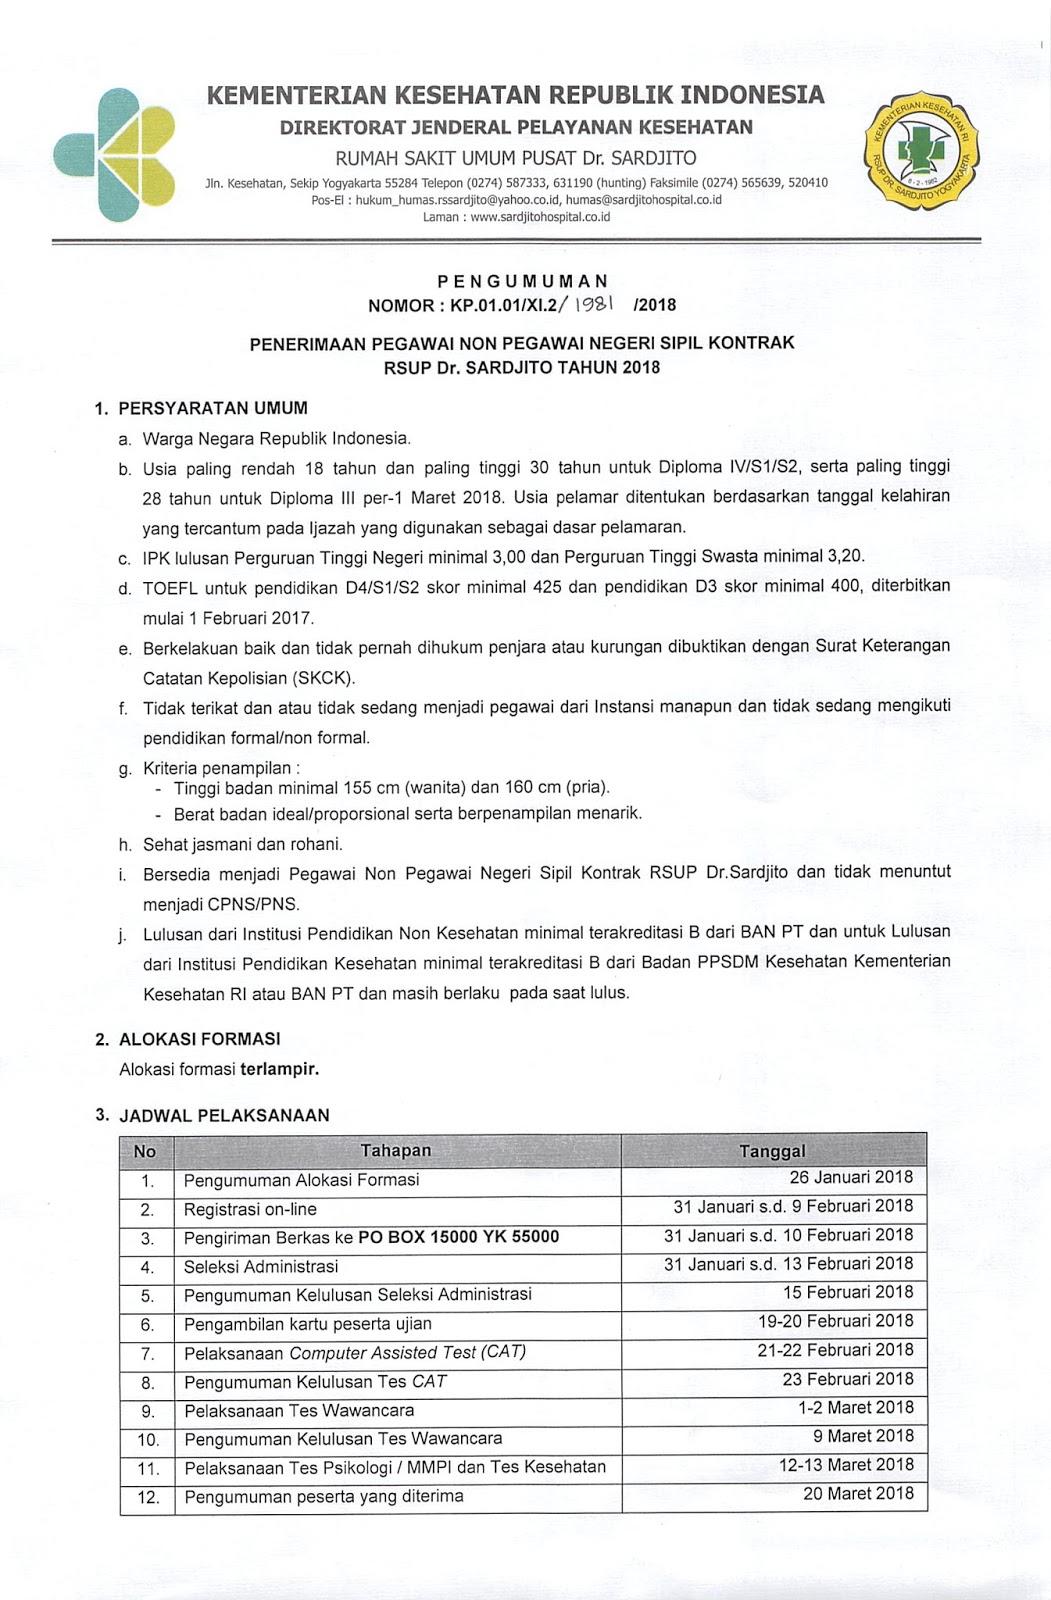 Rekrutmen Non Pns Rsup Dr Sardjito Tahun Anggaran 2018 65 Formasi Rekrutmen Lowongan Kerja Bulan Februari 2021